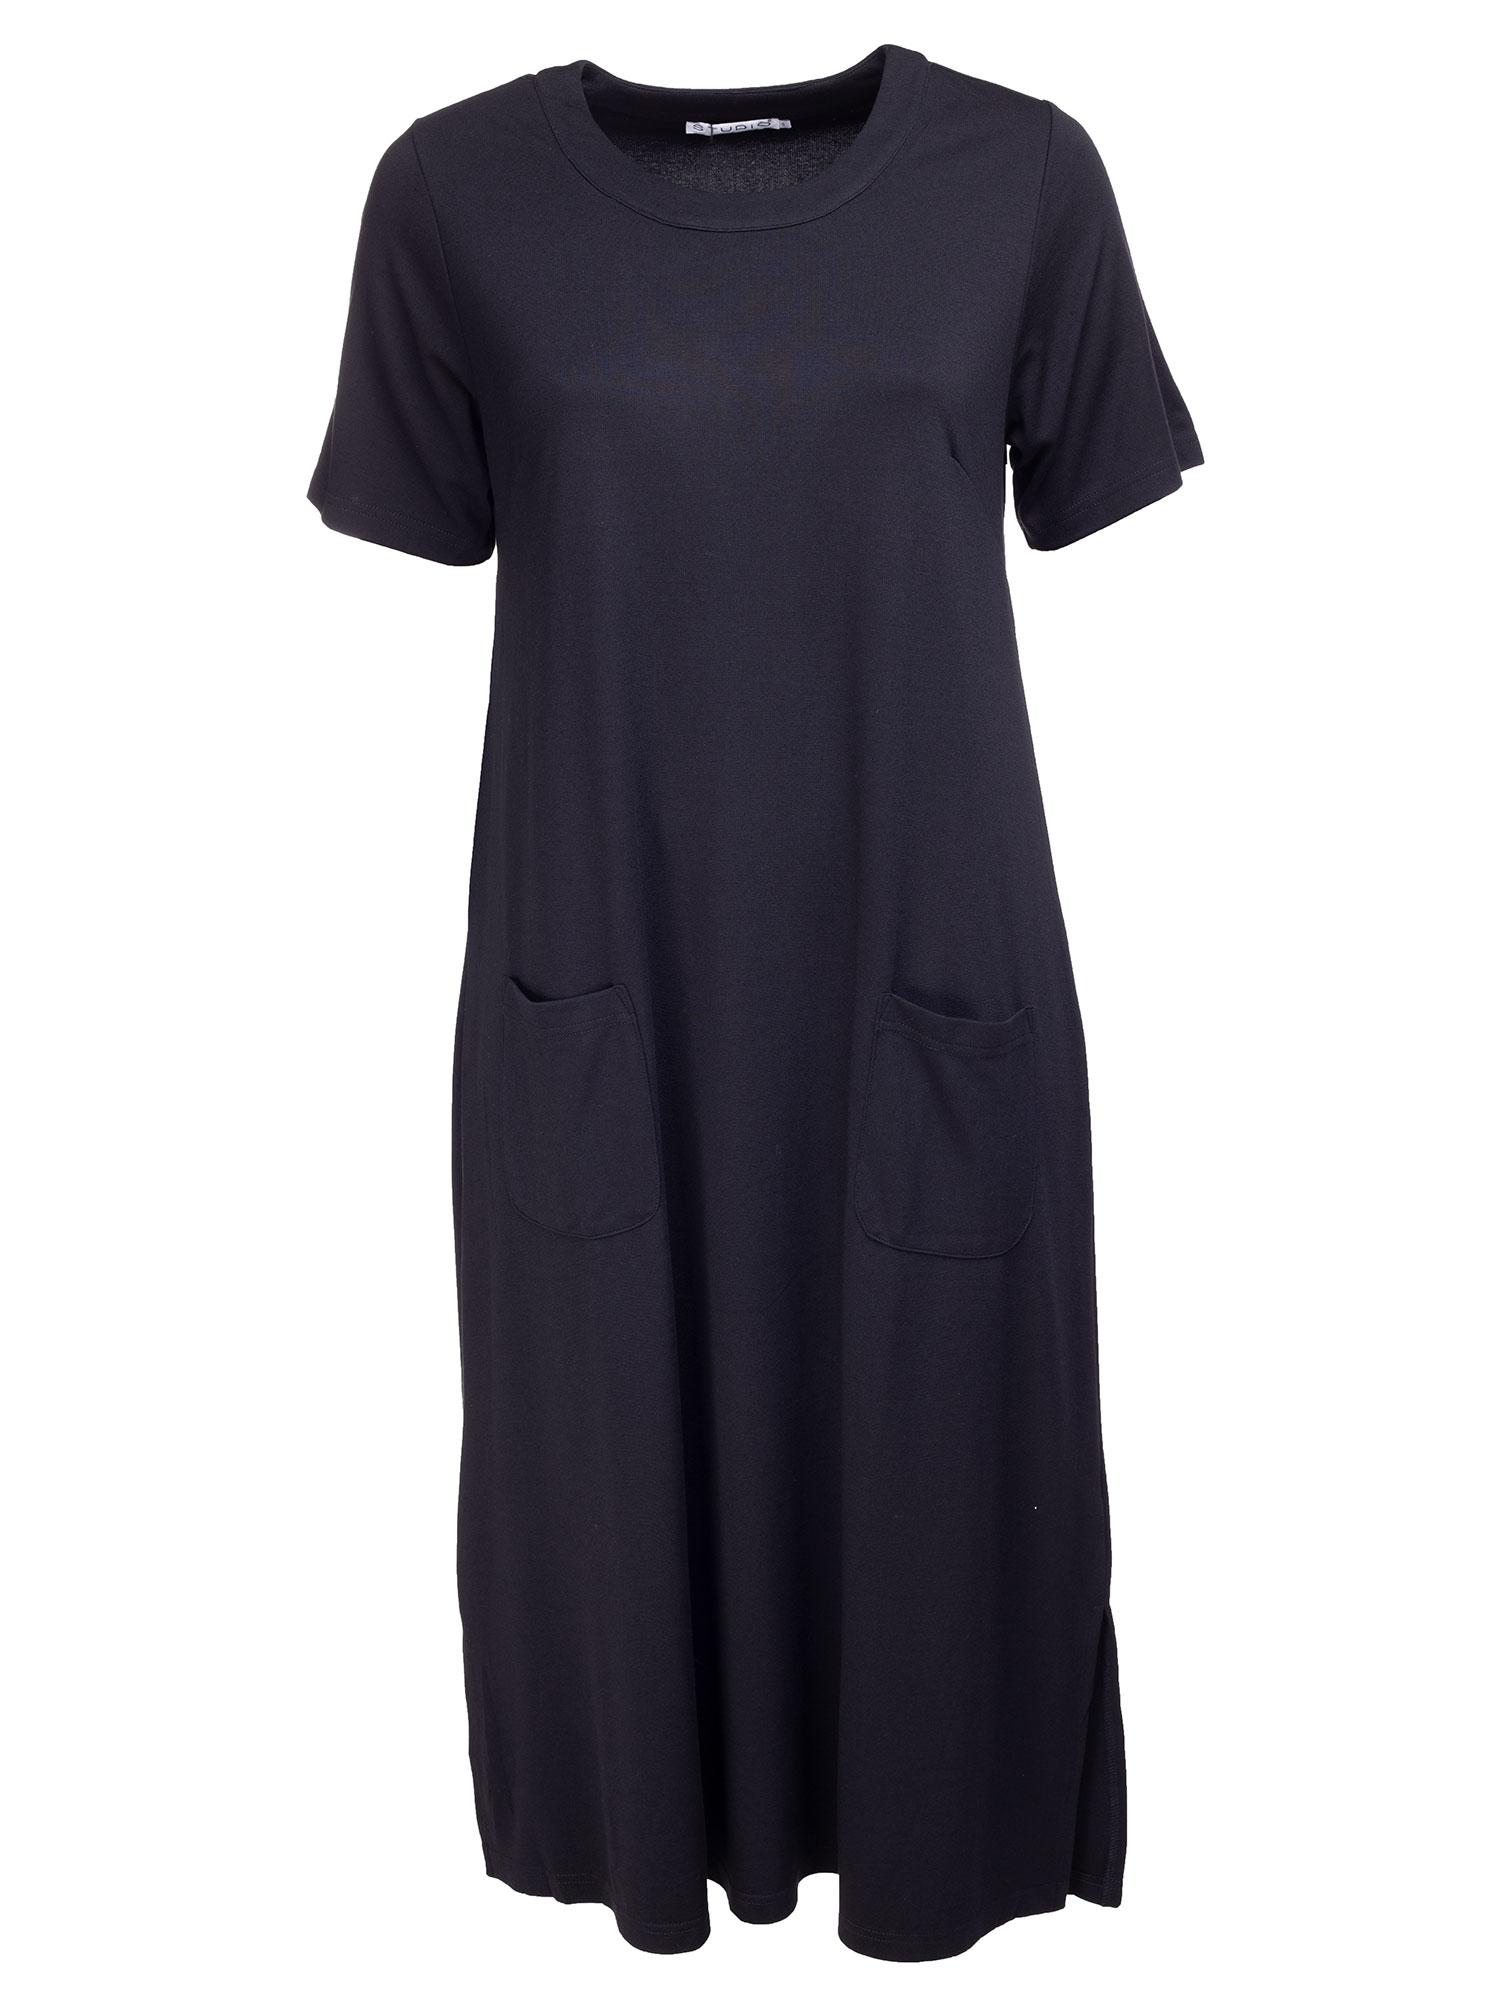 Studio Sort lang kjole med lommer, 42-44 / S